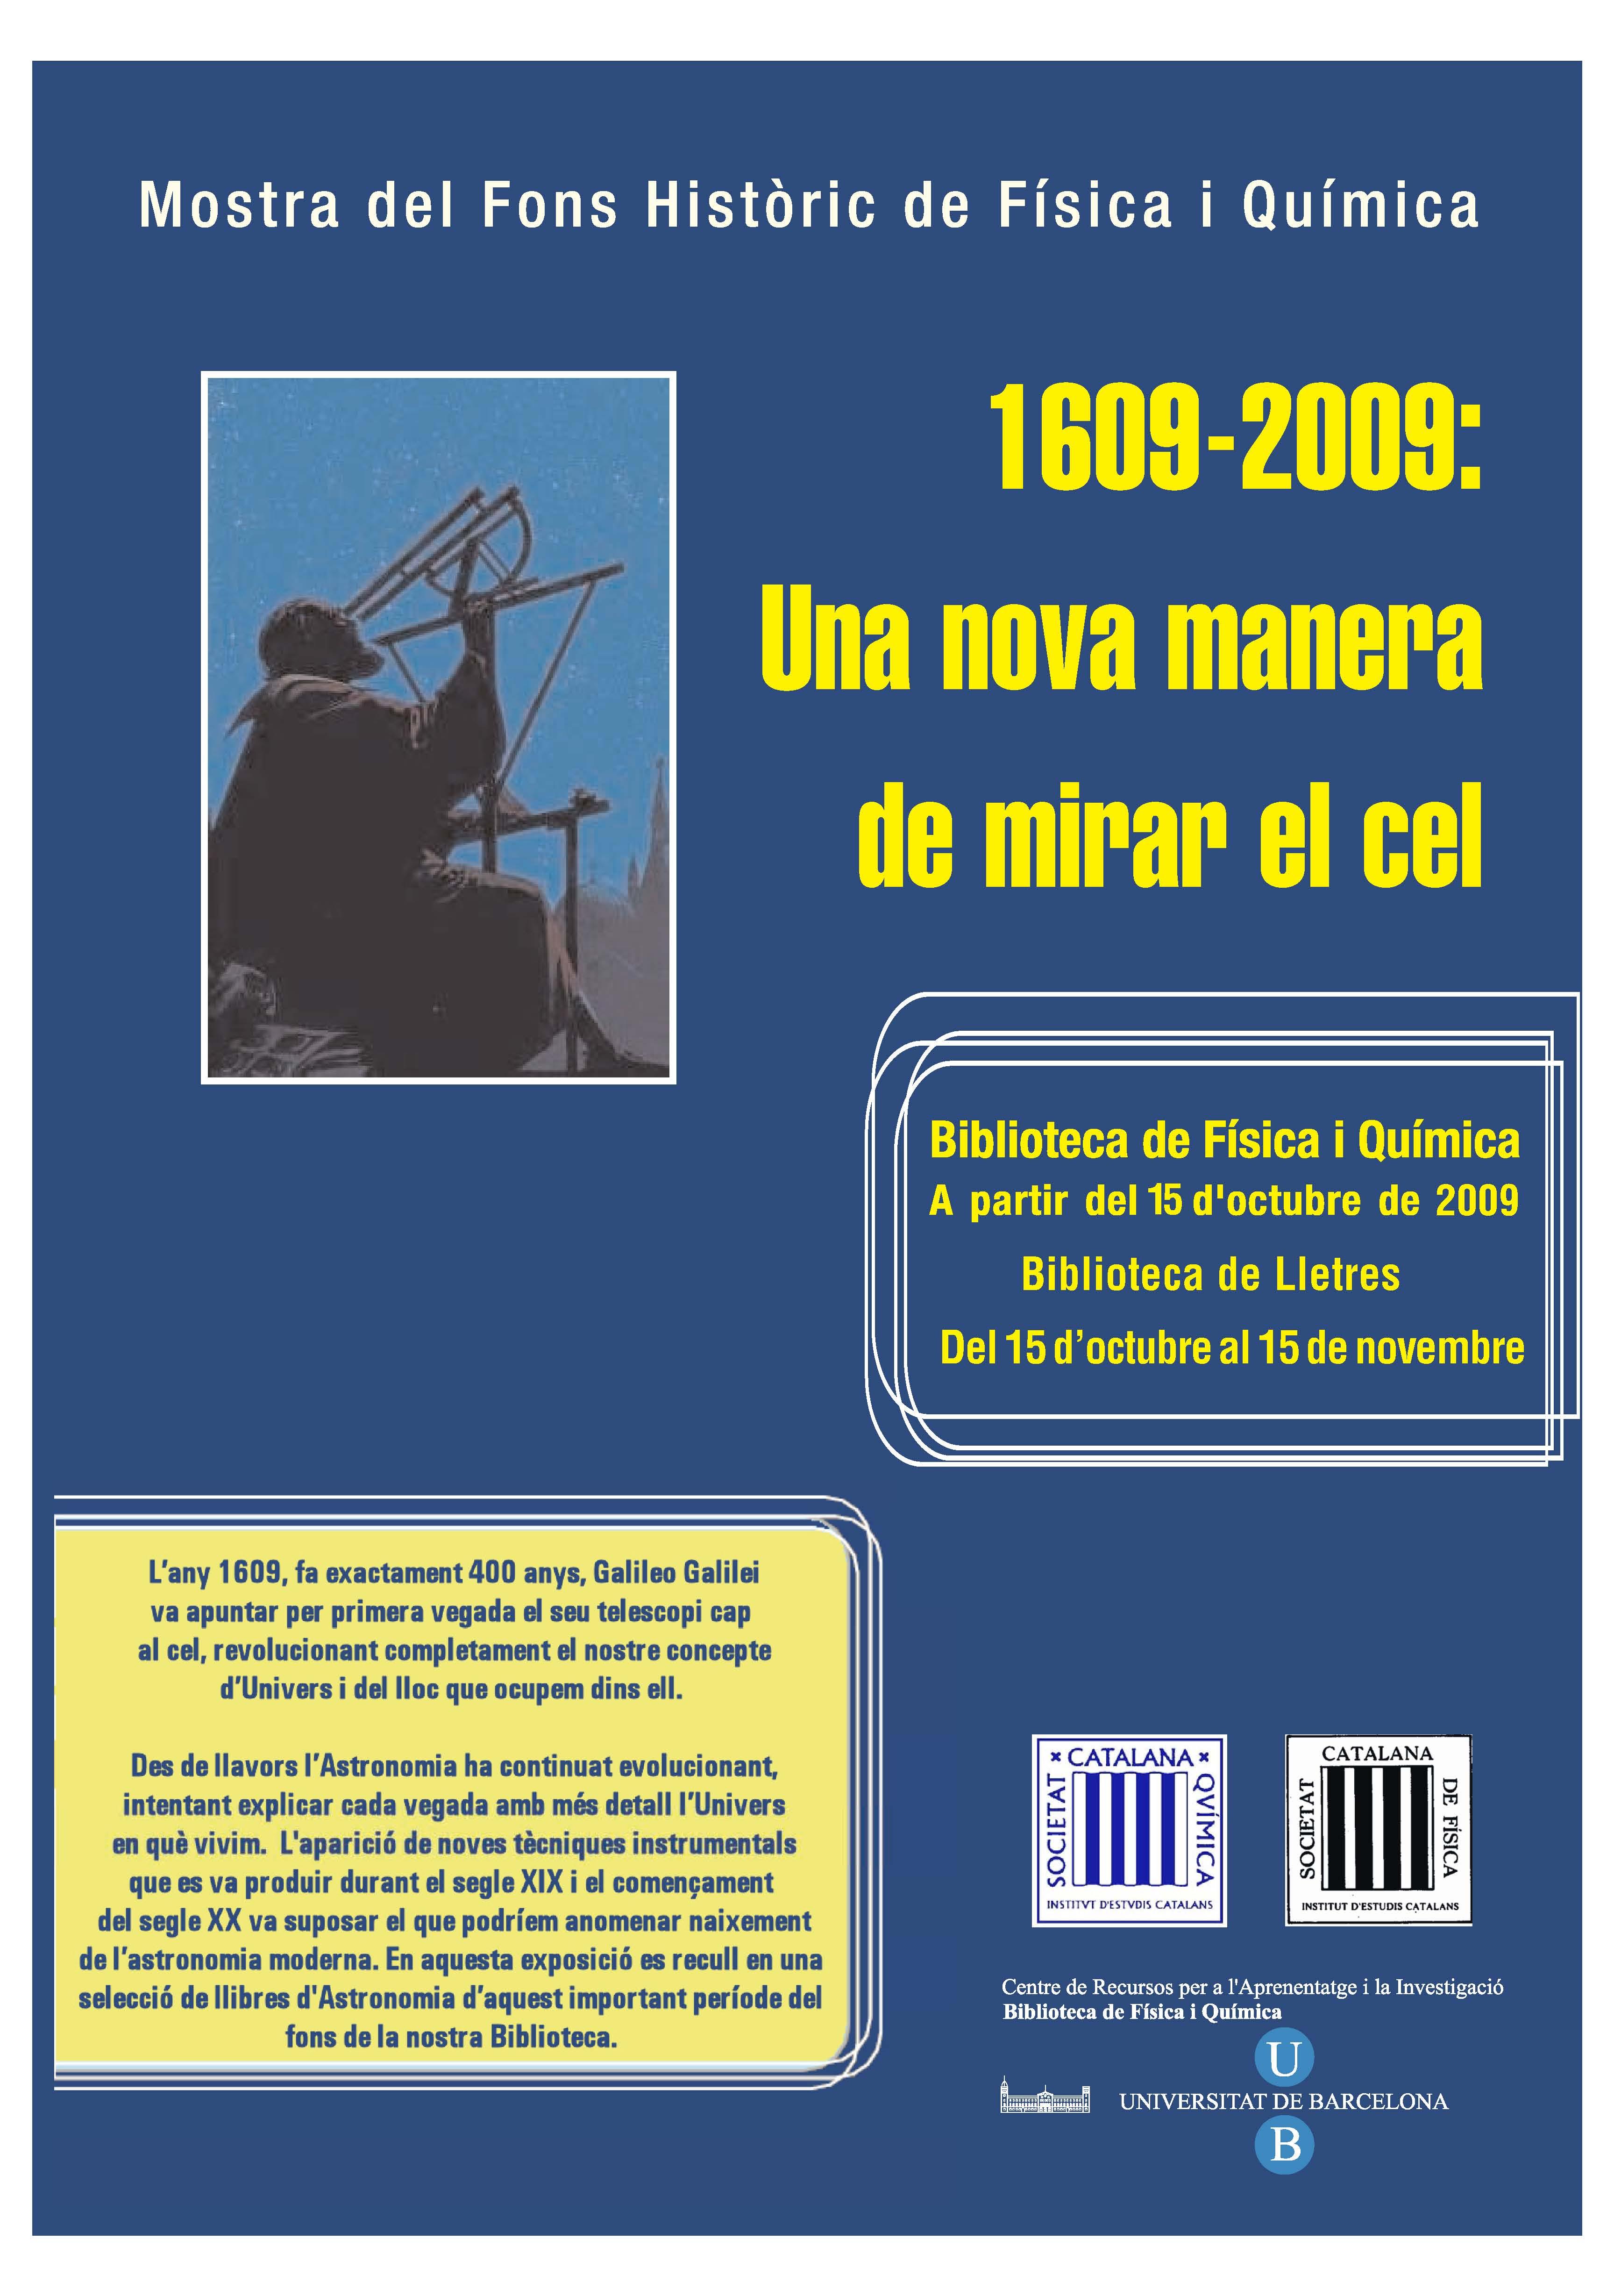 Poster de la mostra